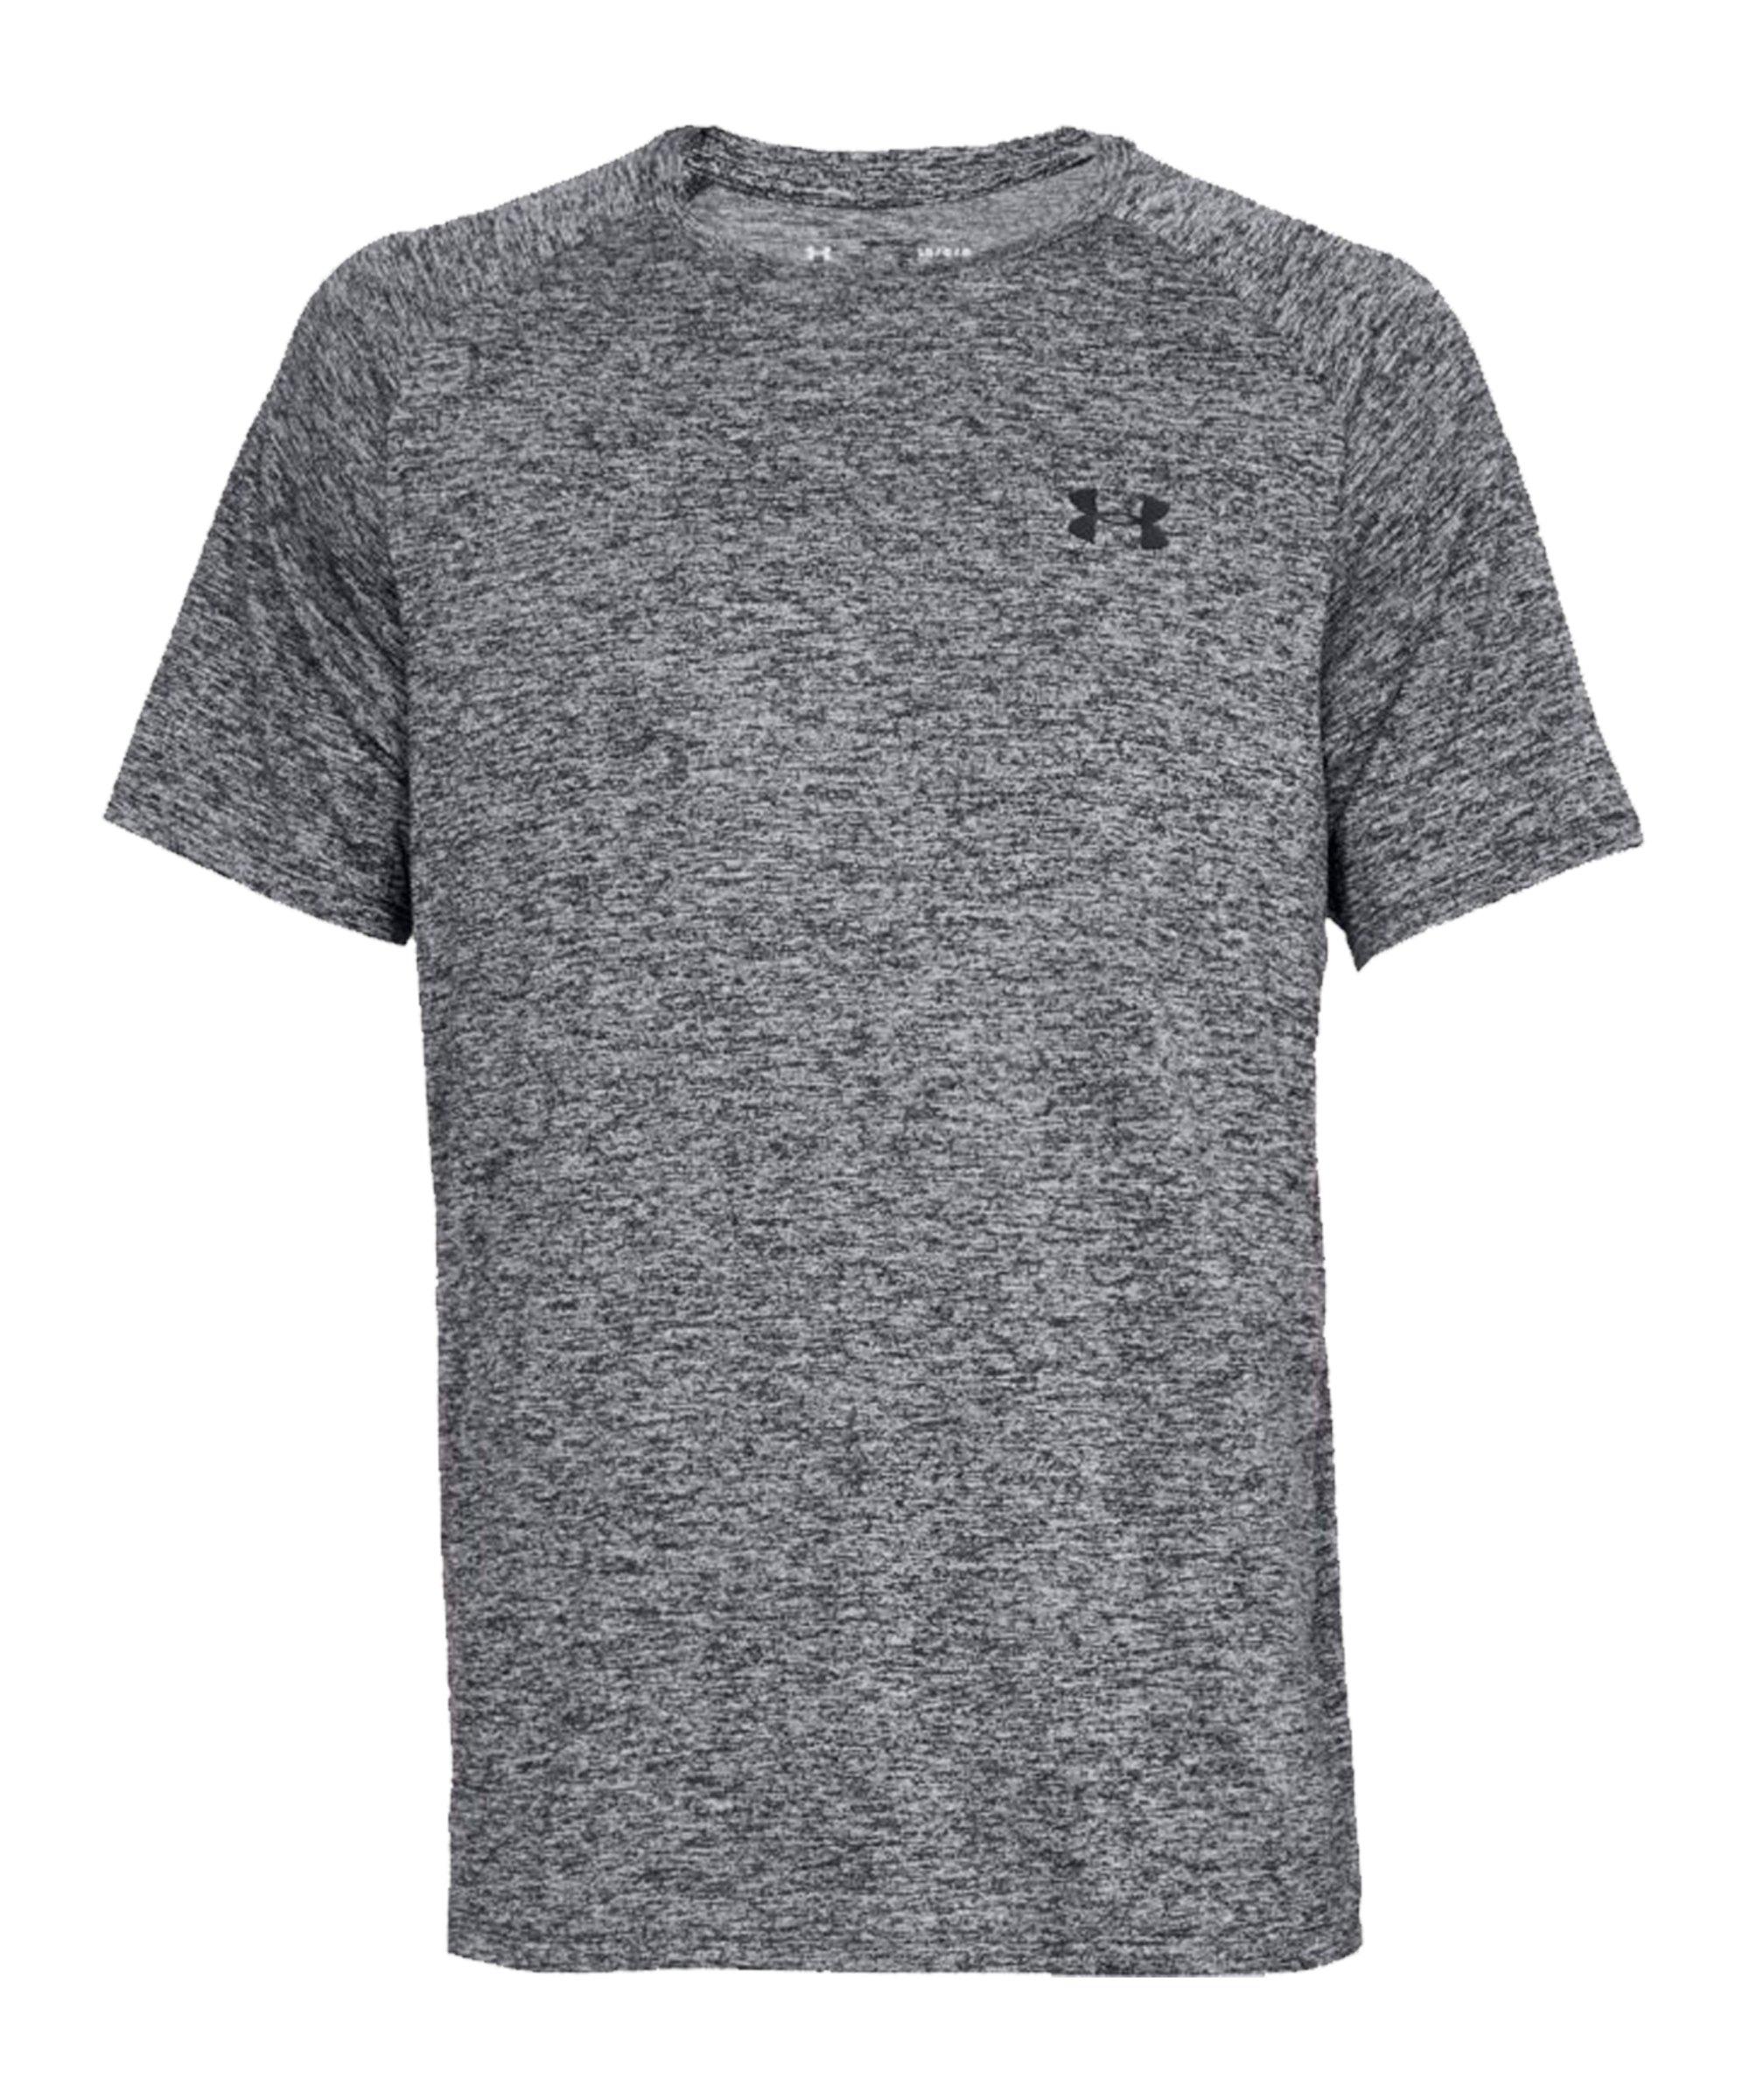 Under Armour Tech 2.0 Tee T-Shirt Grau F002 - grau